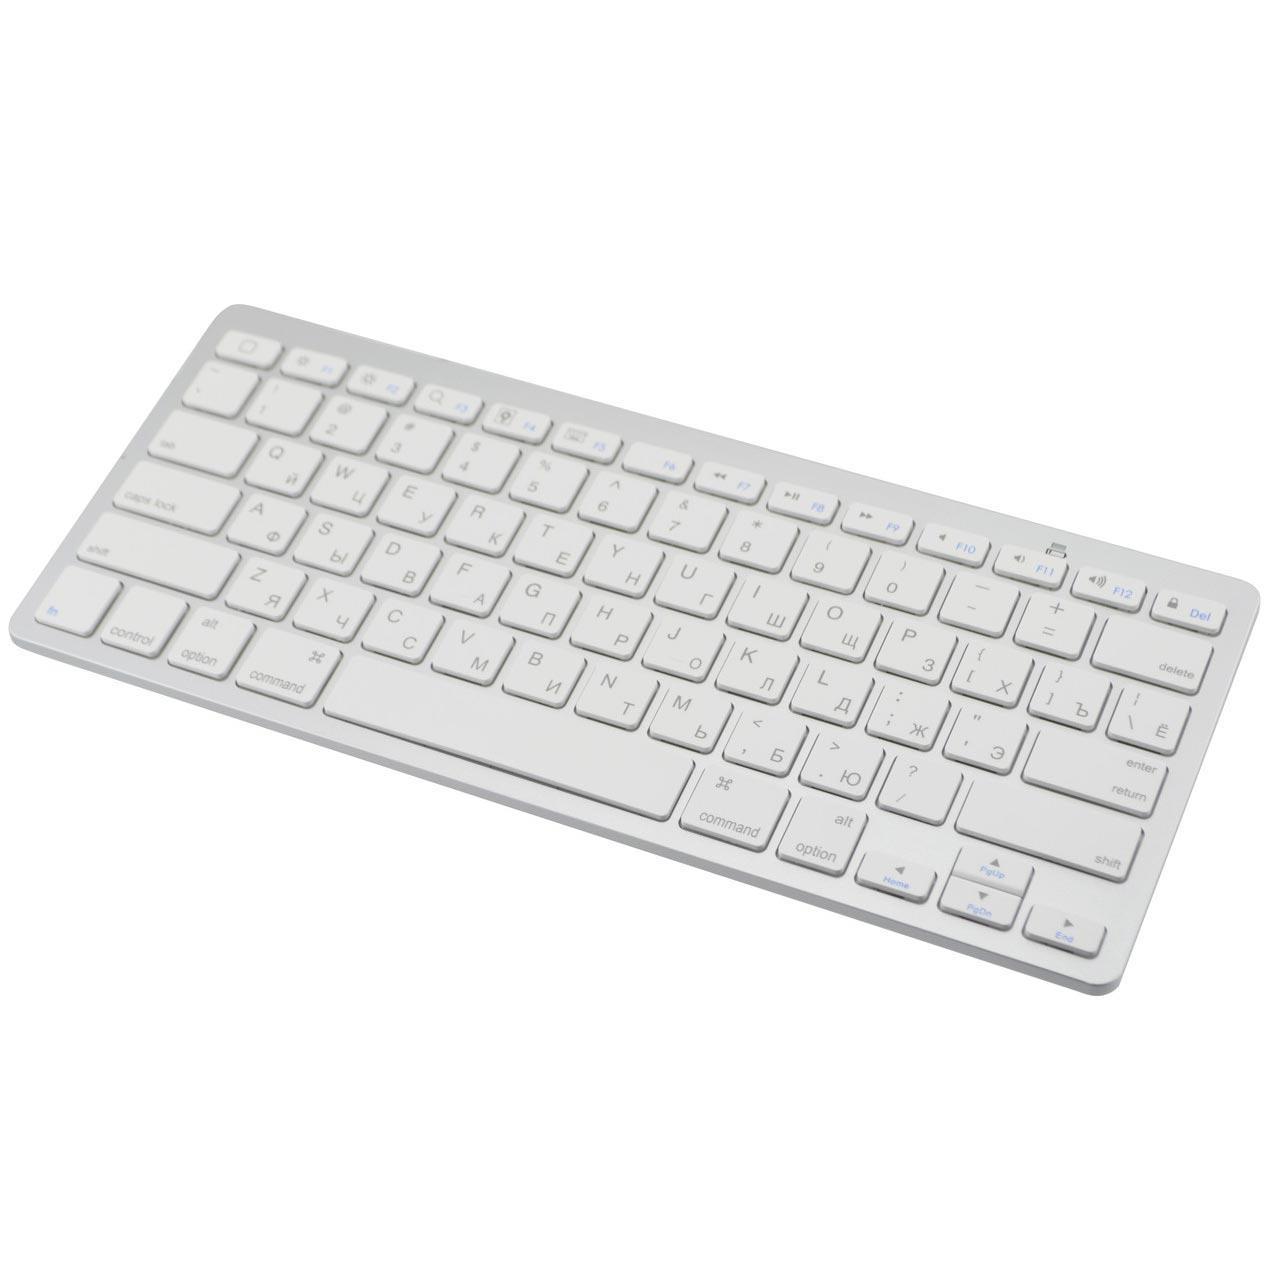 Бездротова клавіатура для комп'ютера BK3001 для телевізора ноутбука пк для смарт тв планшета